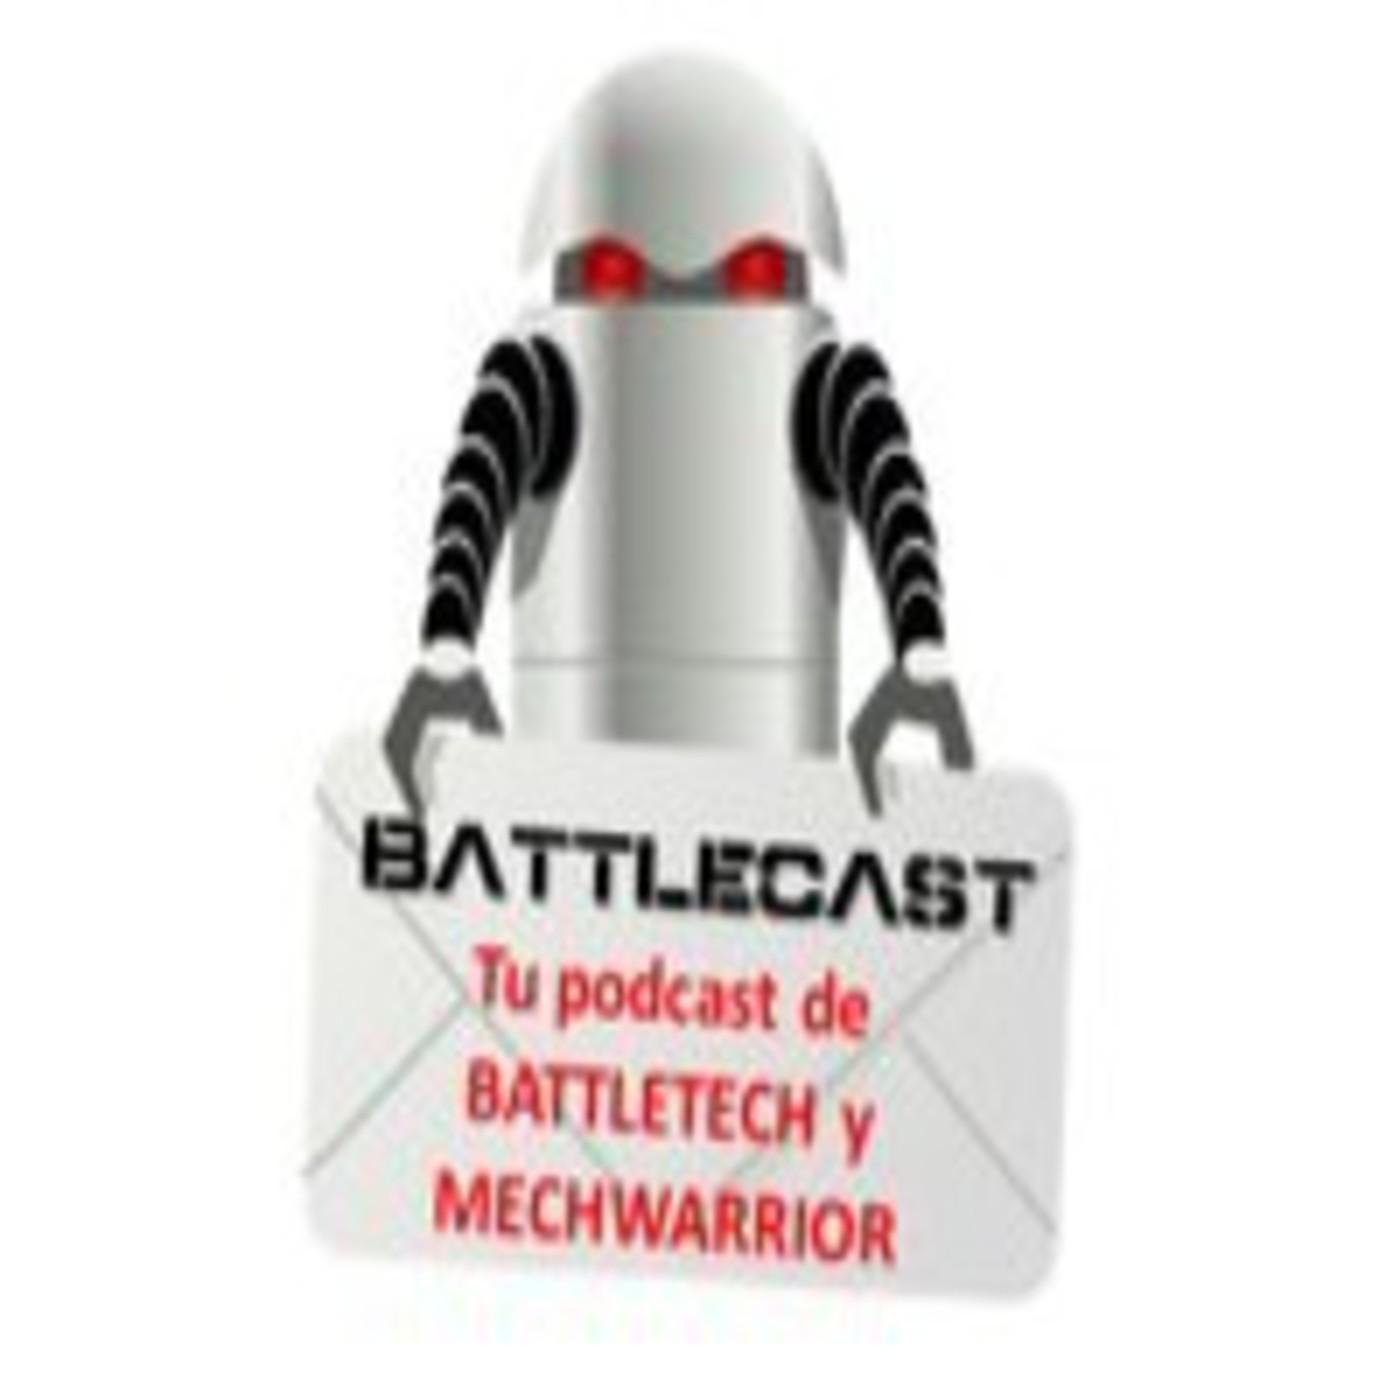 Podcast Comunidad-Mechwarrior.org